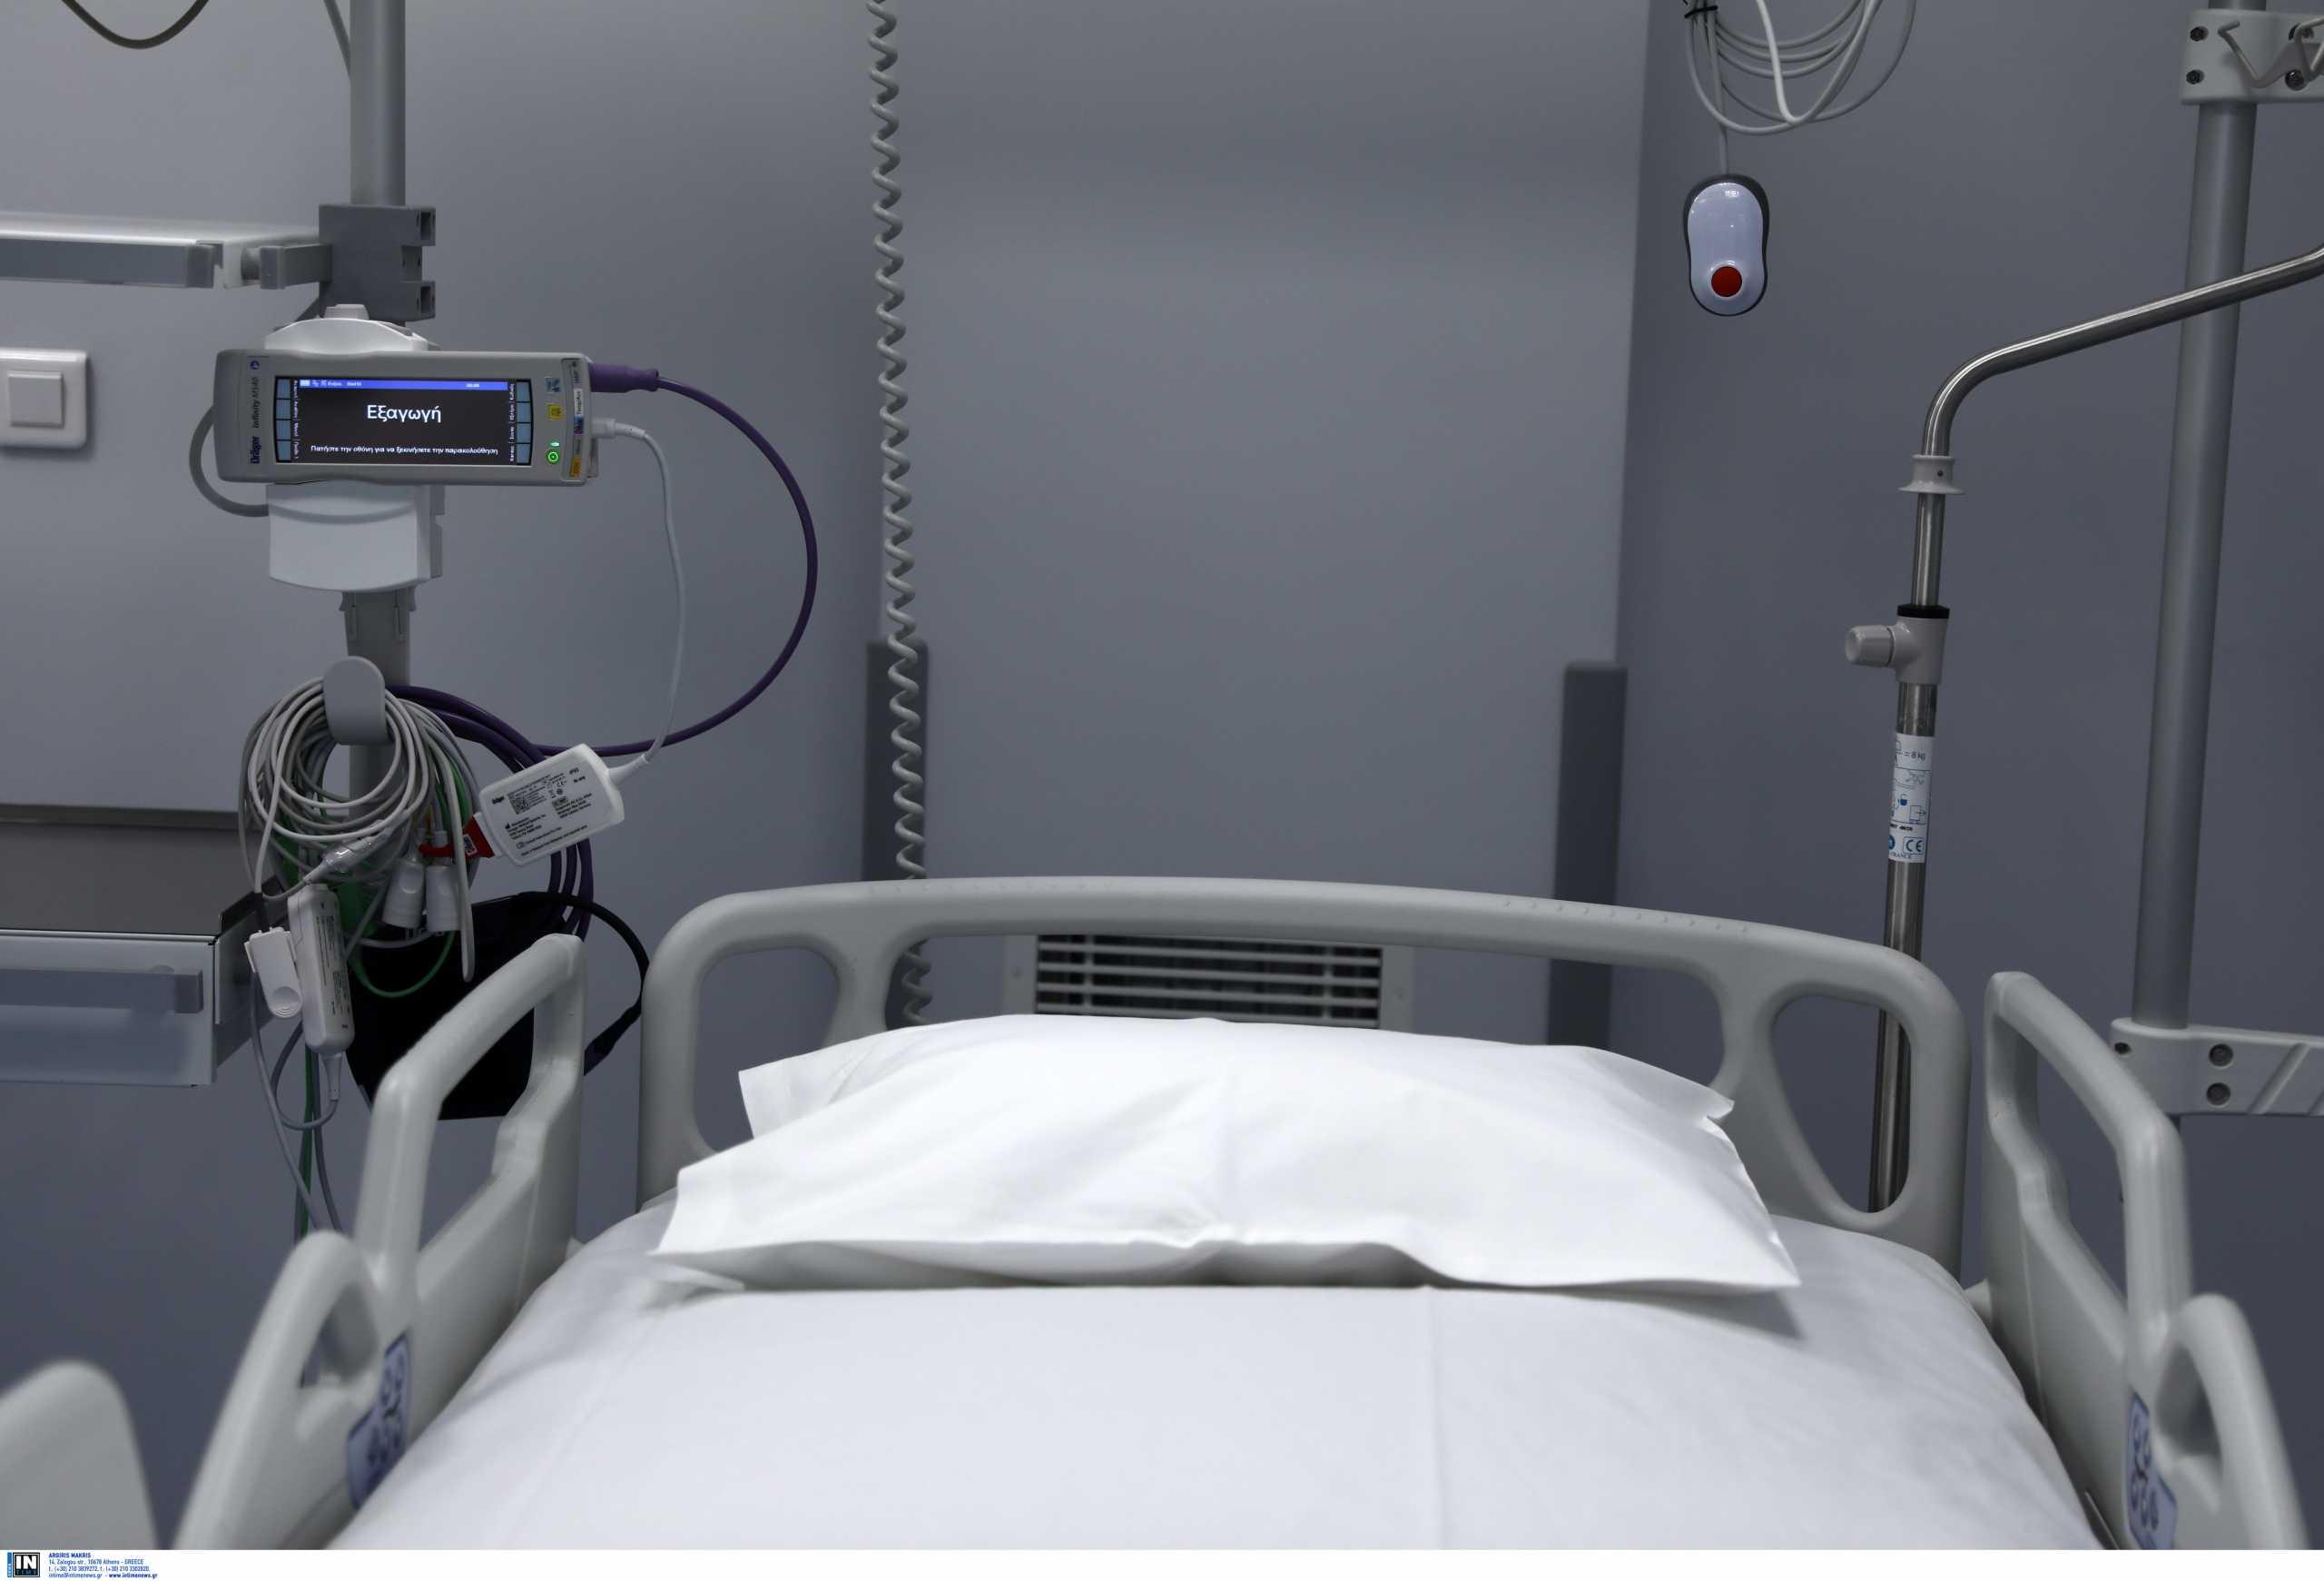 Ιατροδικαστική Εταιρεία: Επιτρέπεται η νεκροψία – νεκροτομή σε νεκρούς από κορονοϊό